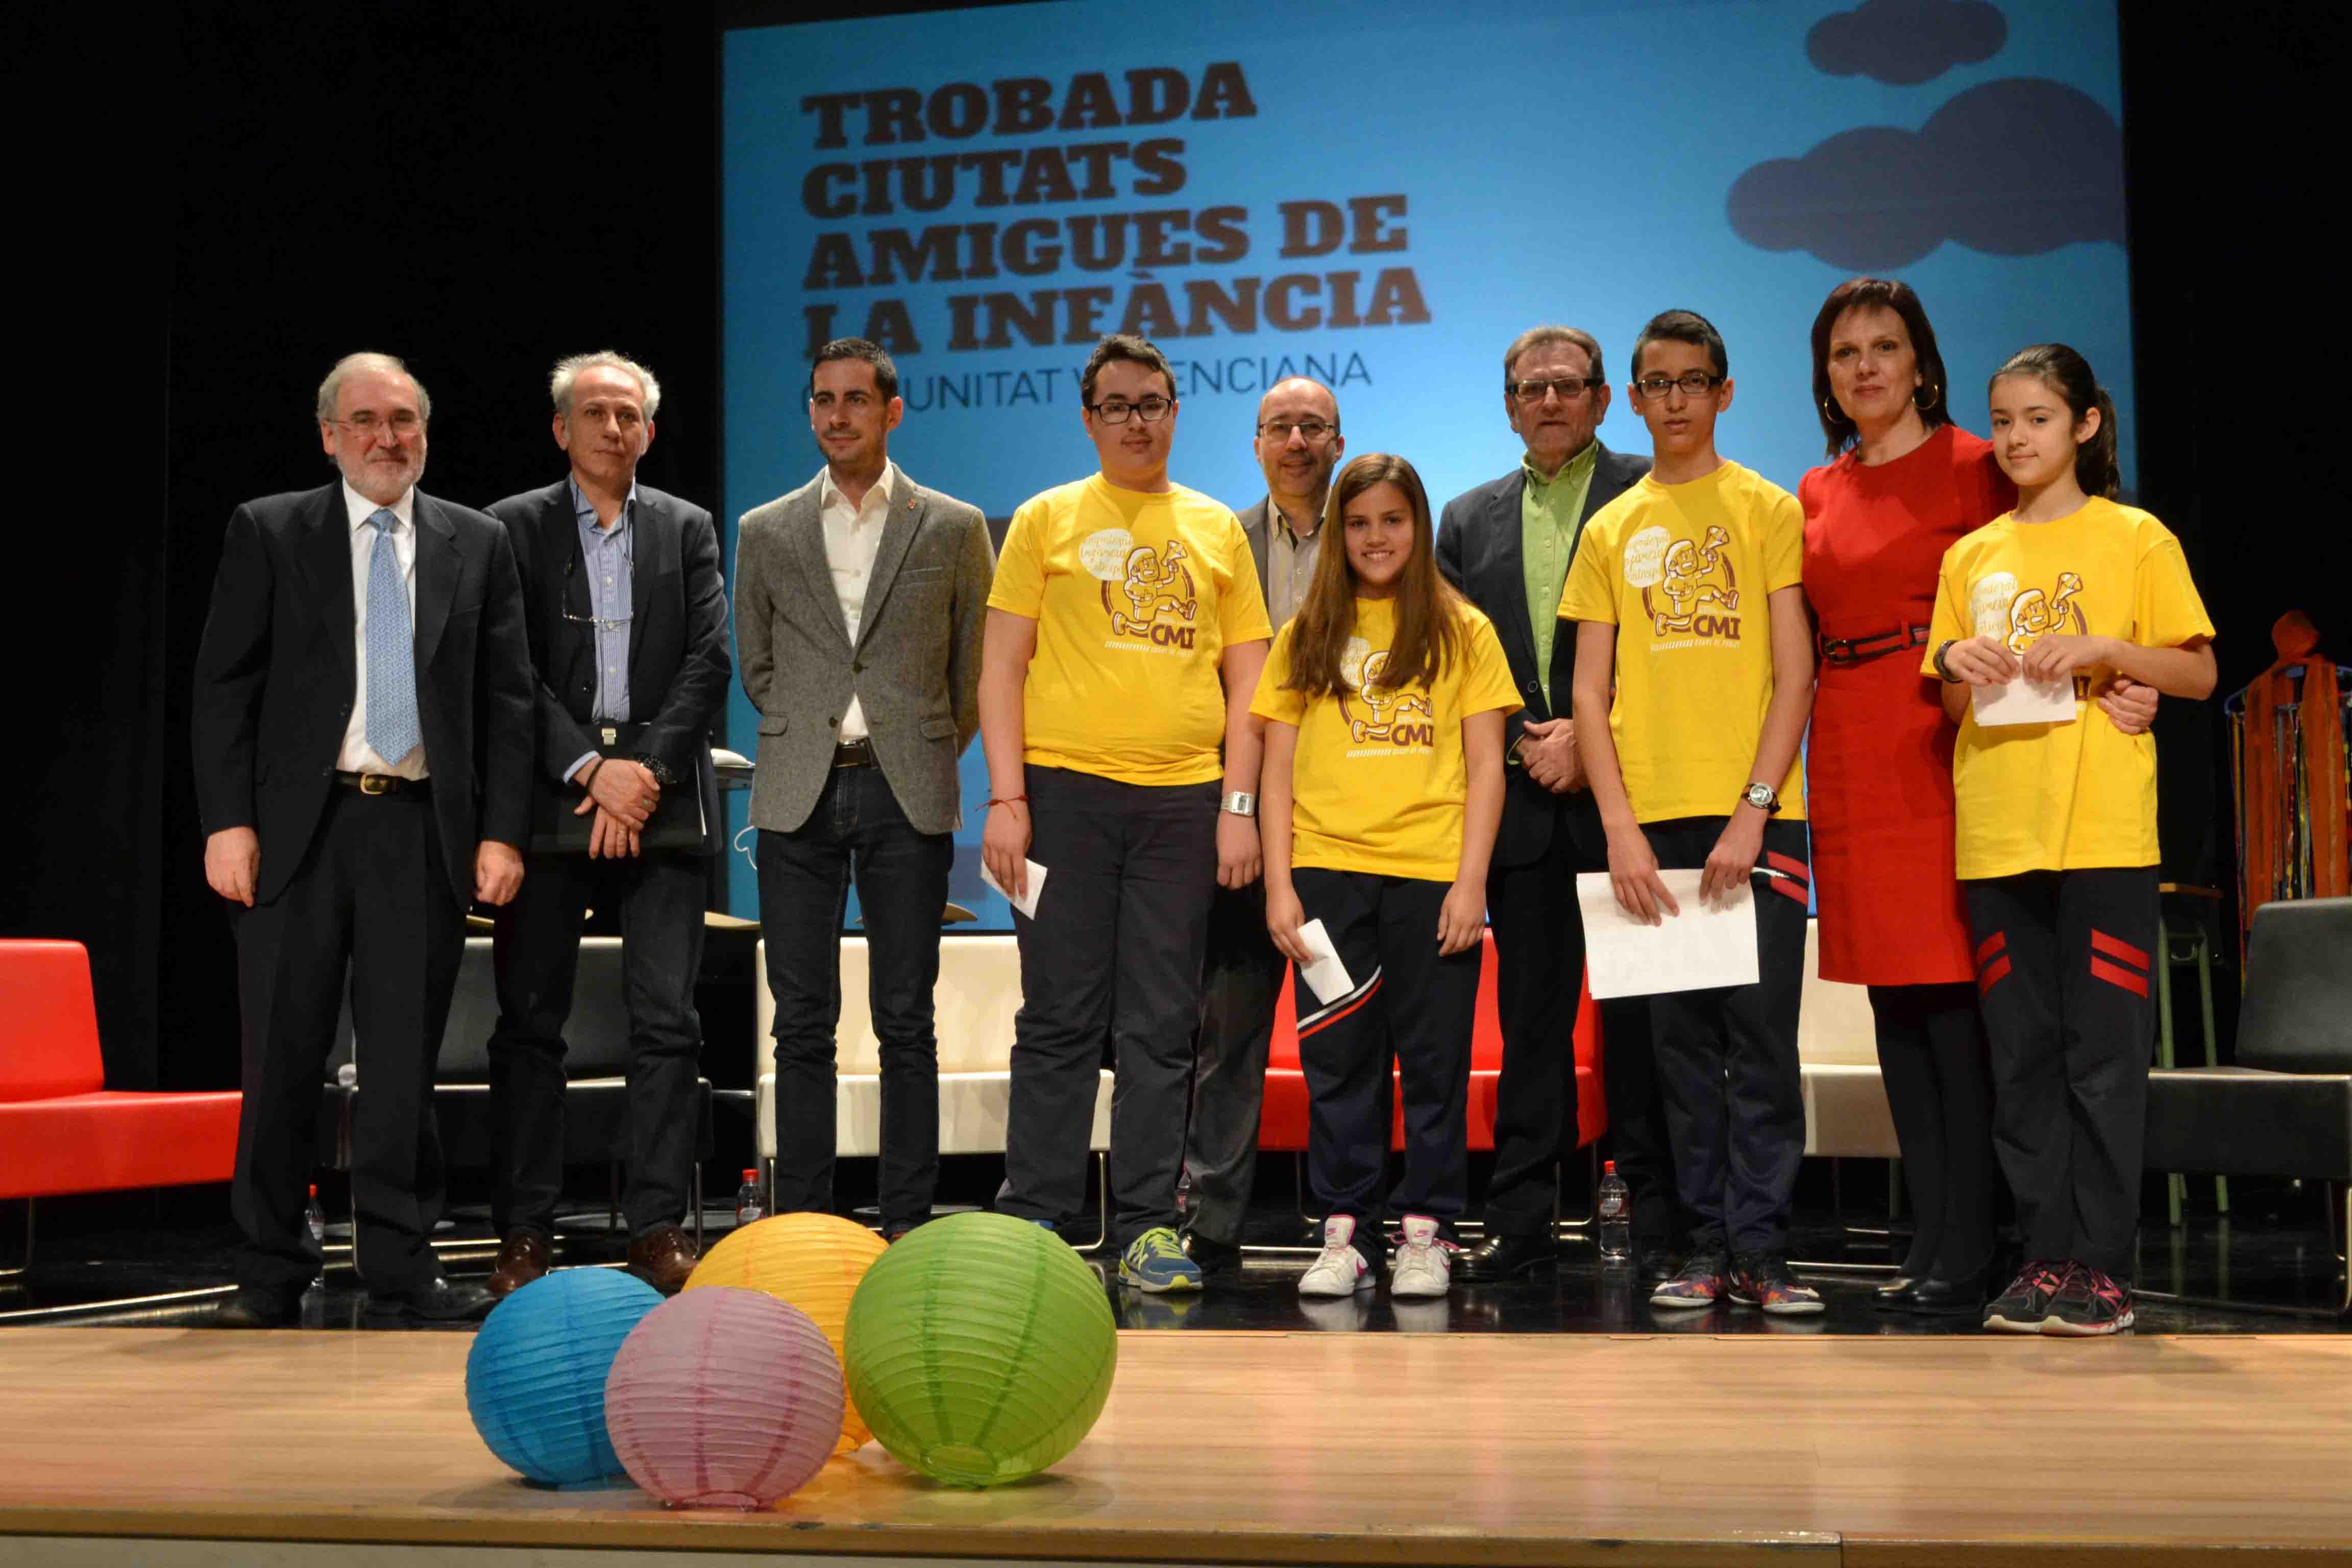 24 municipios valencianos se reúnen en Quart de Poblet en el Encuentro de Ciudades Amigas de la Infancia